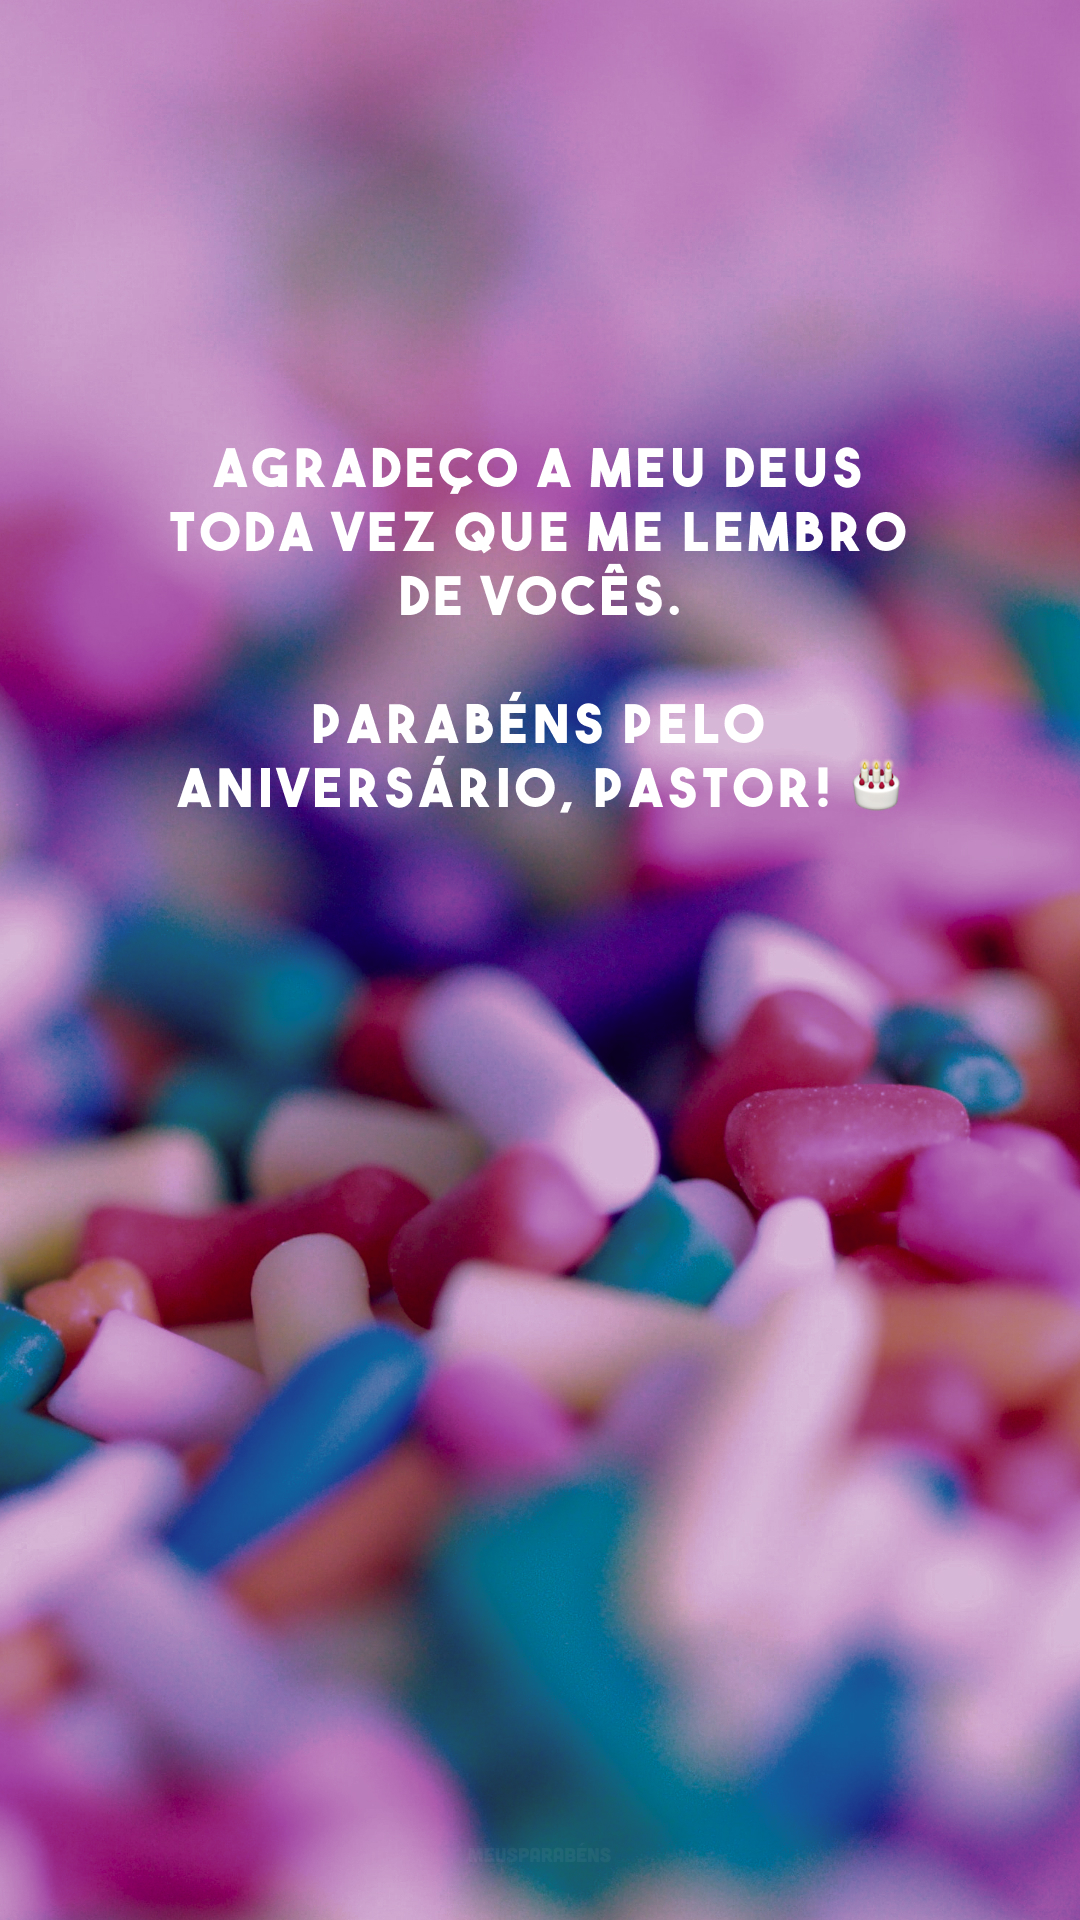 Agradeço a meu Deus toda vez que me lembro de vocês. Parabéns pelo aniversário, pastor! 🎂